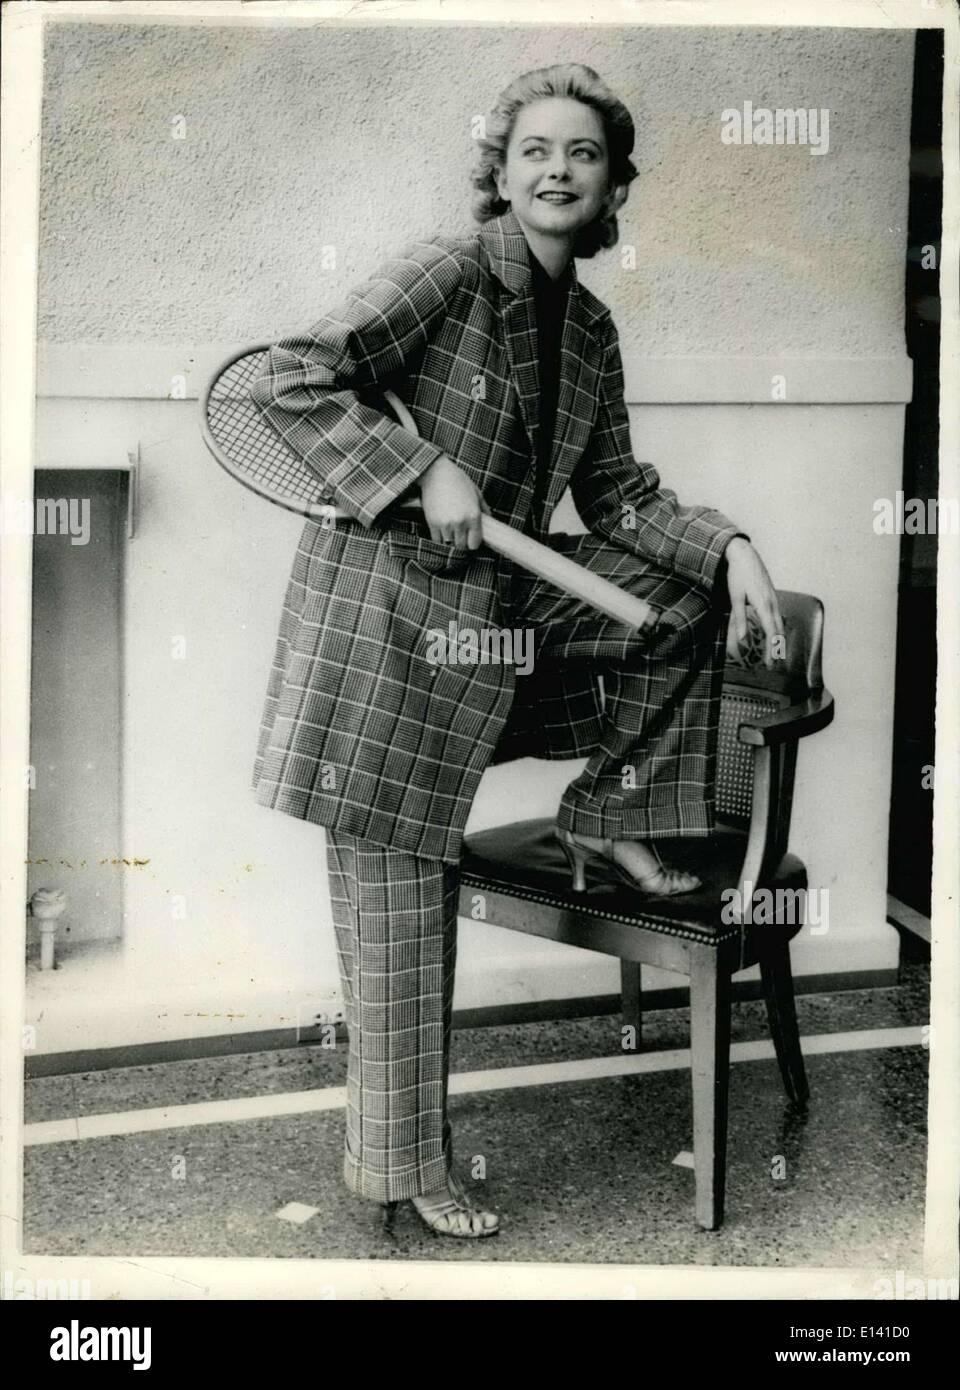 31 mars 2012 - Encore et encore des modes pour M' Dame: à partir de l'Amérique arrive ce modèle d'été avancée pour la Miss moderne des courts de tennis. Le matériau est le coton tweed et apparaît en vert et blanc, composé de pantalons sur mesure avec revers et un manteau trois-quarts avec poches. Photo Stock